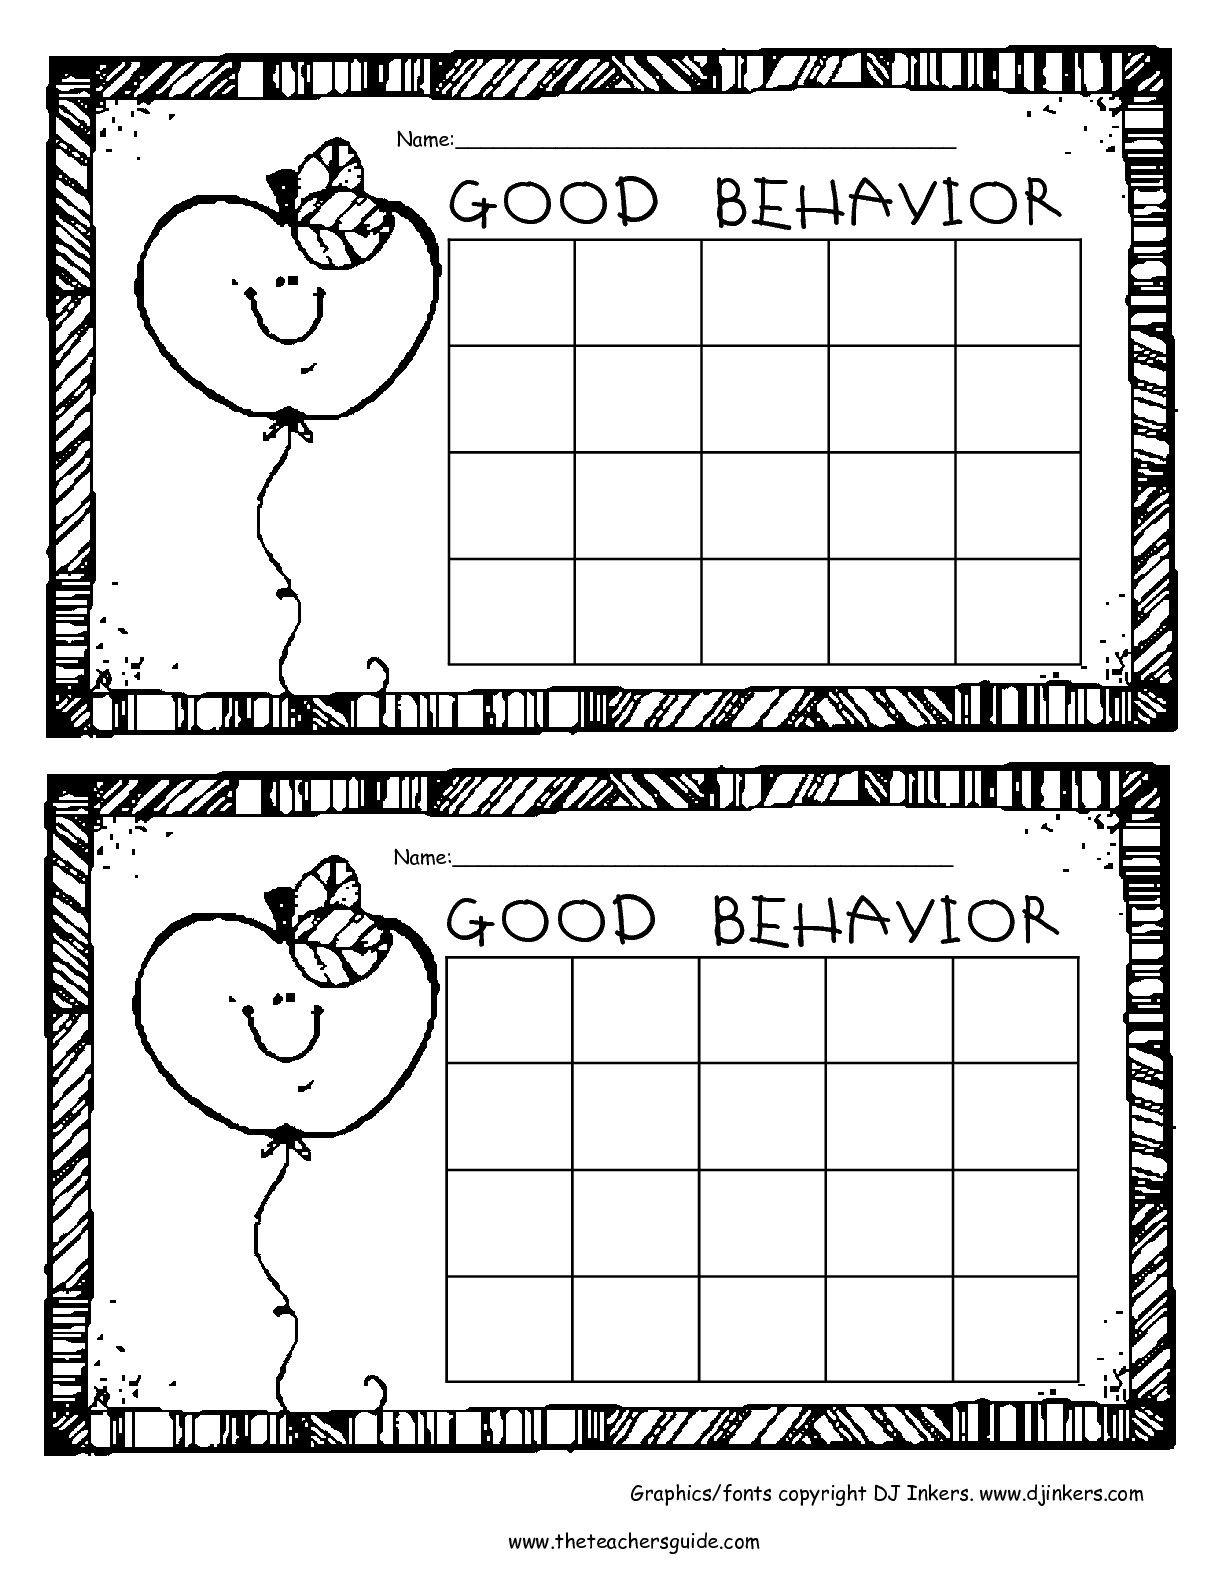 Free Printable Reward And Incentive Charts | Sticker Charts - Free Printable Charts For Classroom